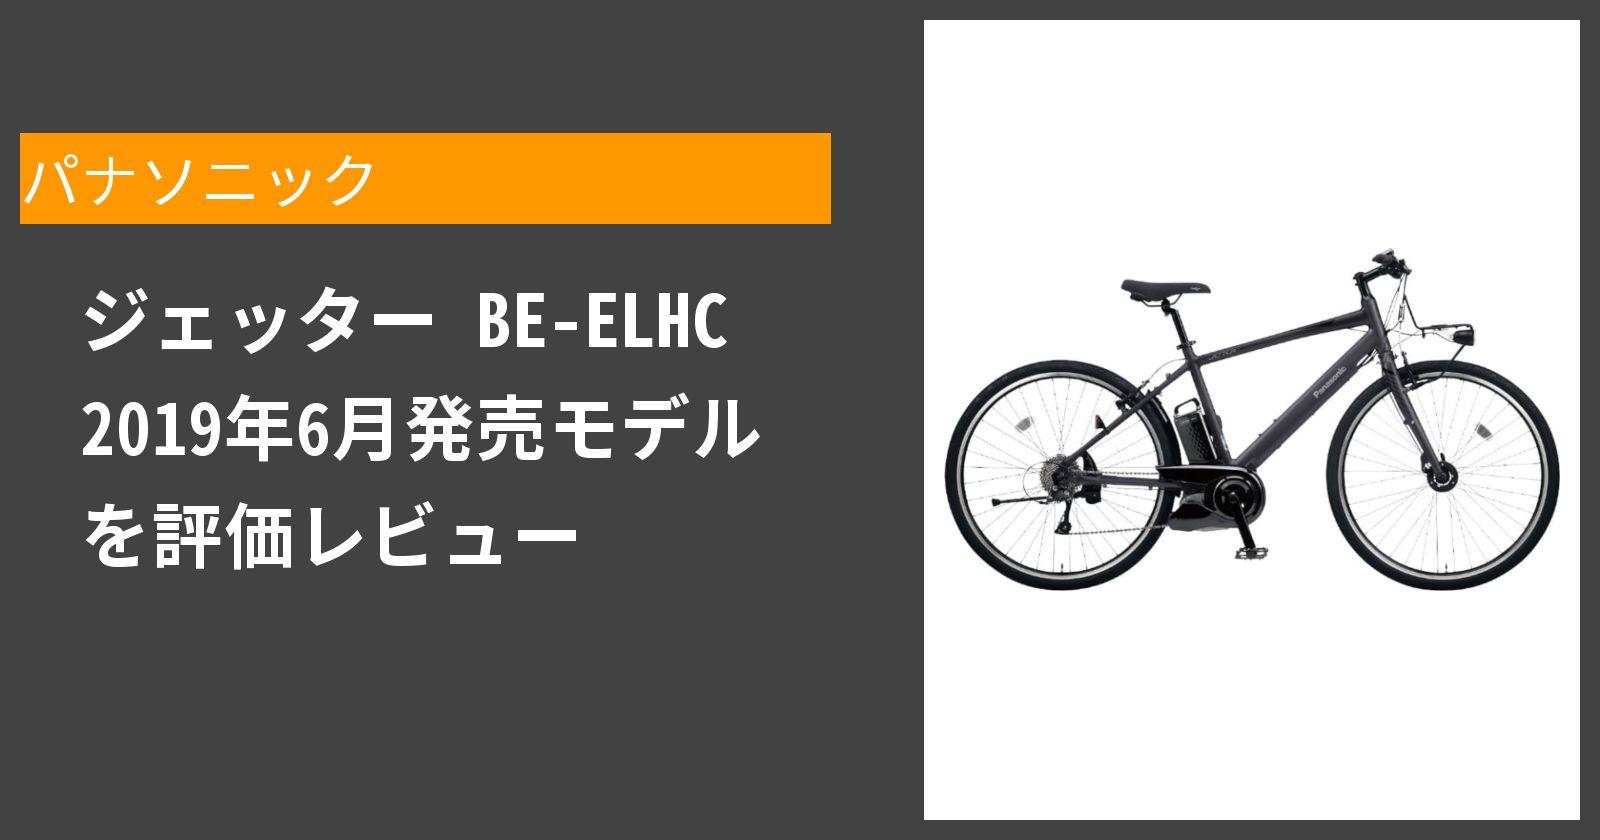 ジェッター BE-ELHC 2019年6月発売モデルを徹底評価